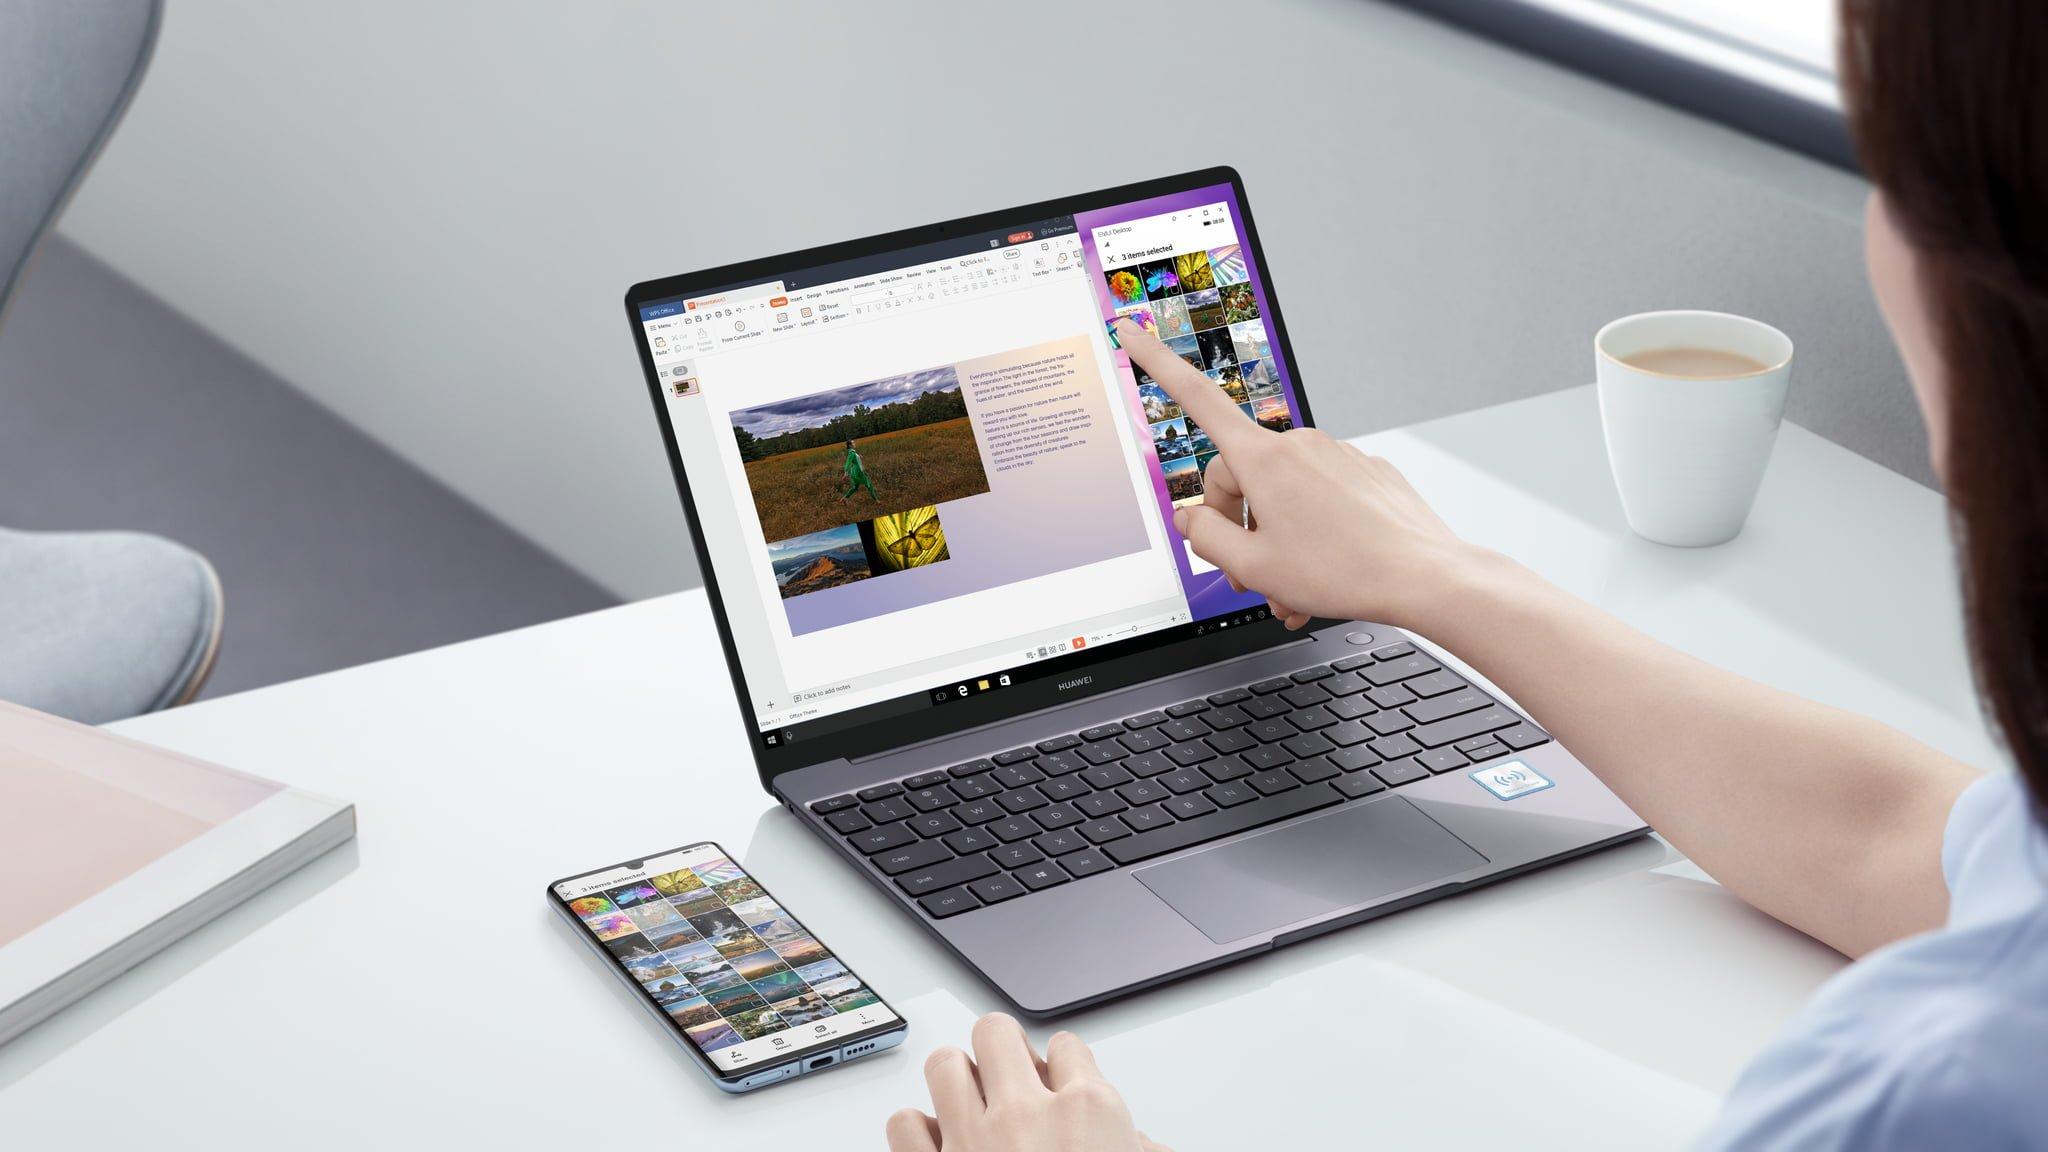 Huawei Matebook X Pro 2020 E Matebook 13 2020: Disponibili Da Oggi In Italia 5 - Hynerd.it